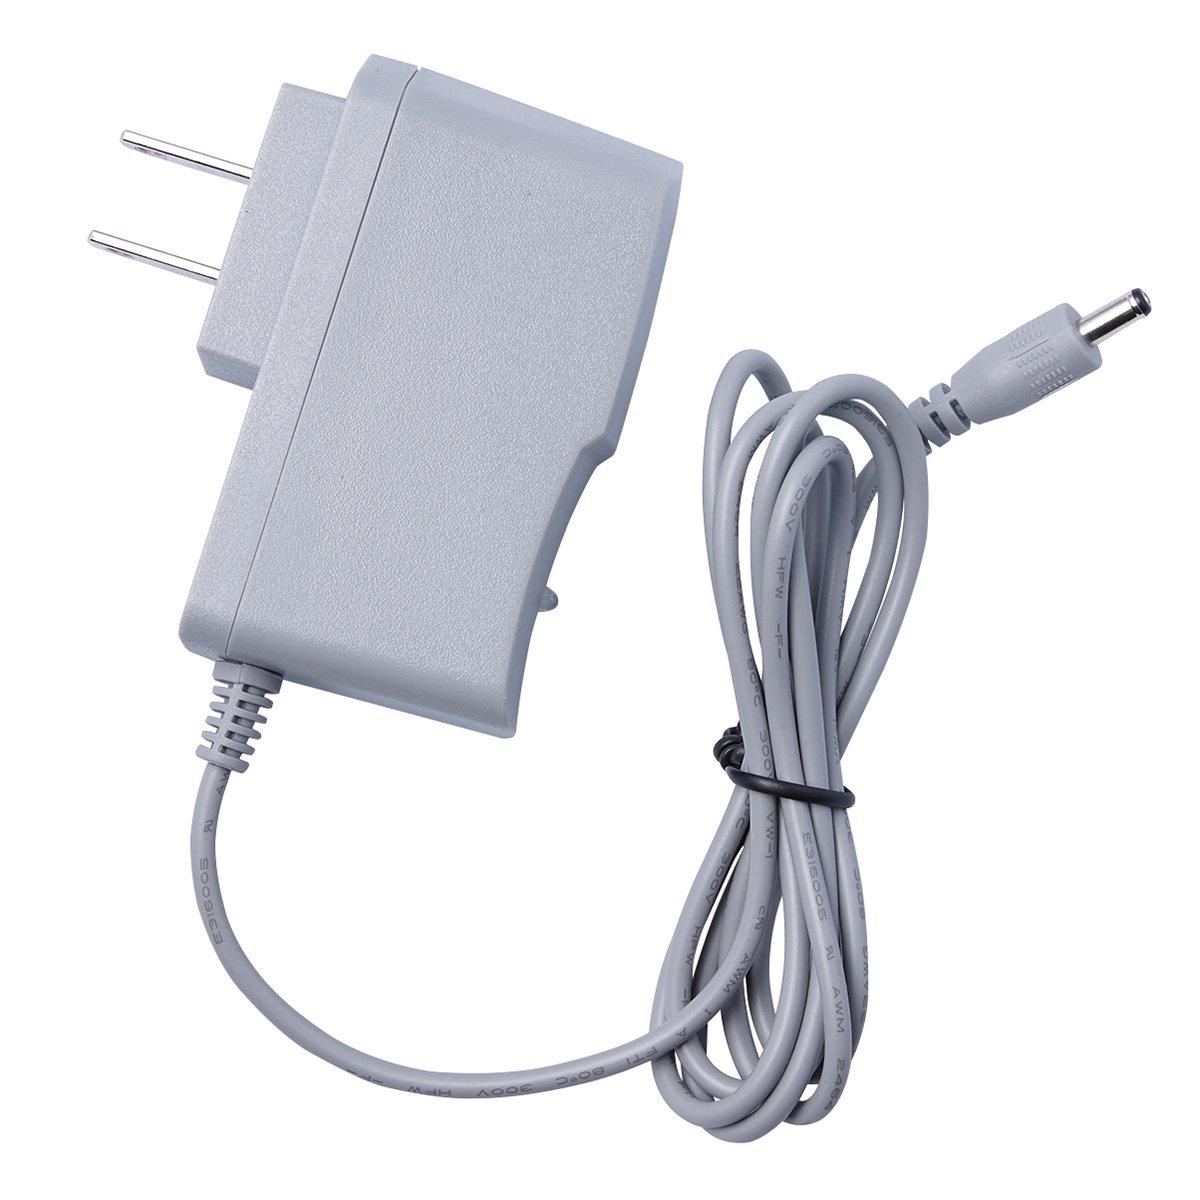 快適ウェア用バッテリー(大容量6700mAh)・快適ウェア用充電器 【画像5】